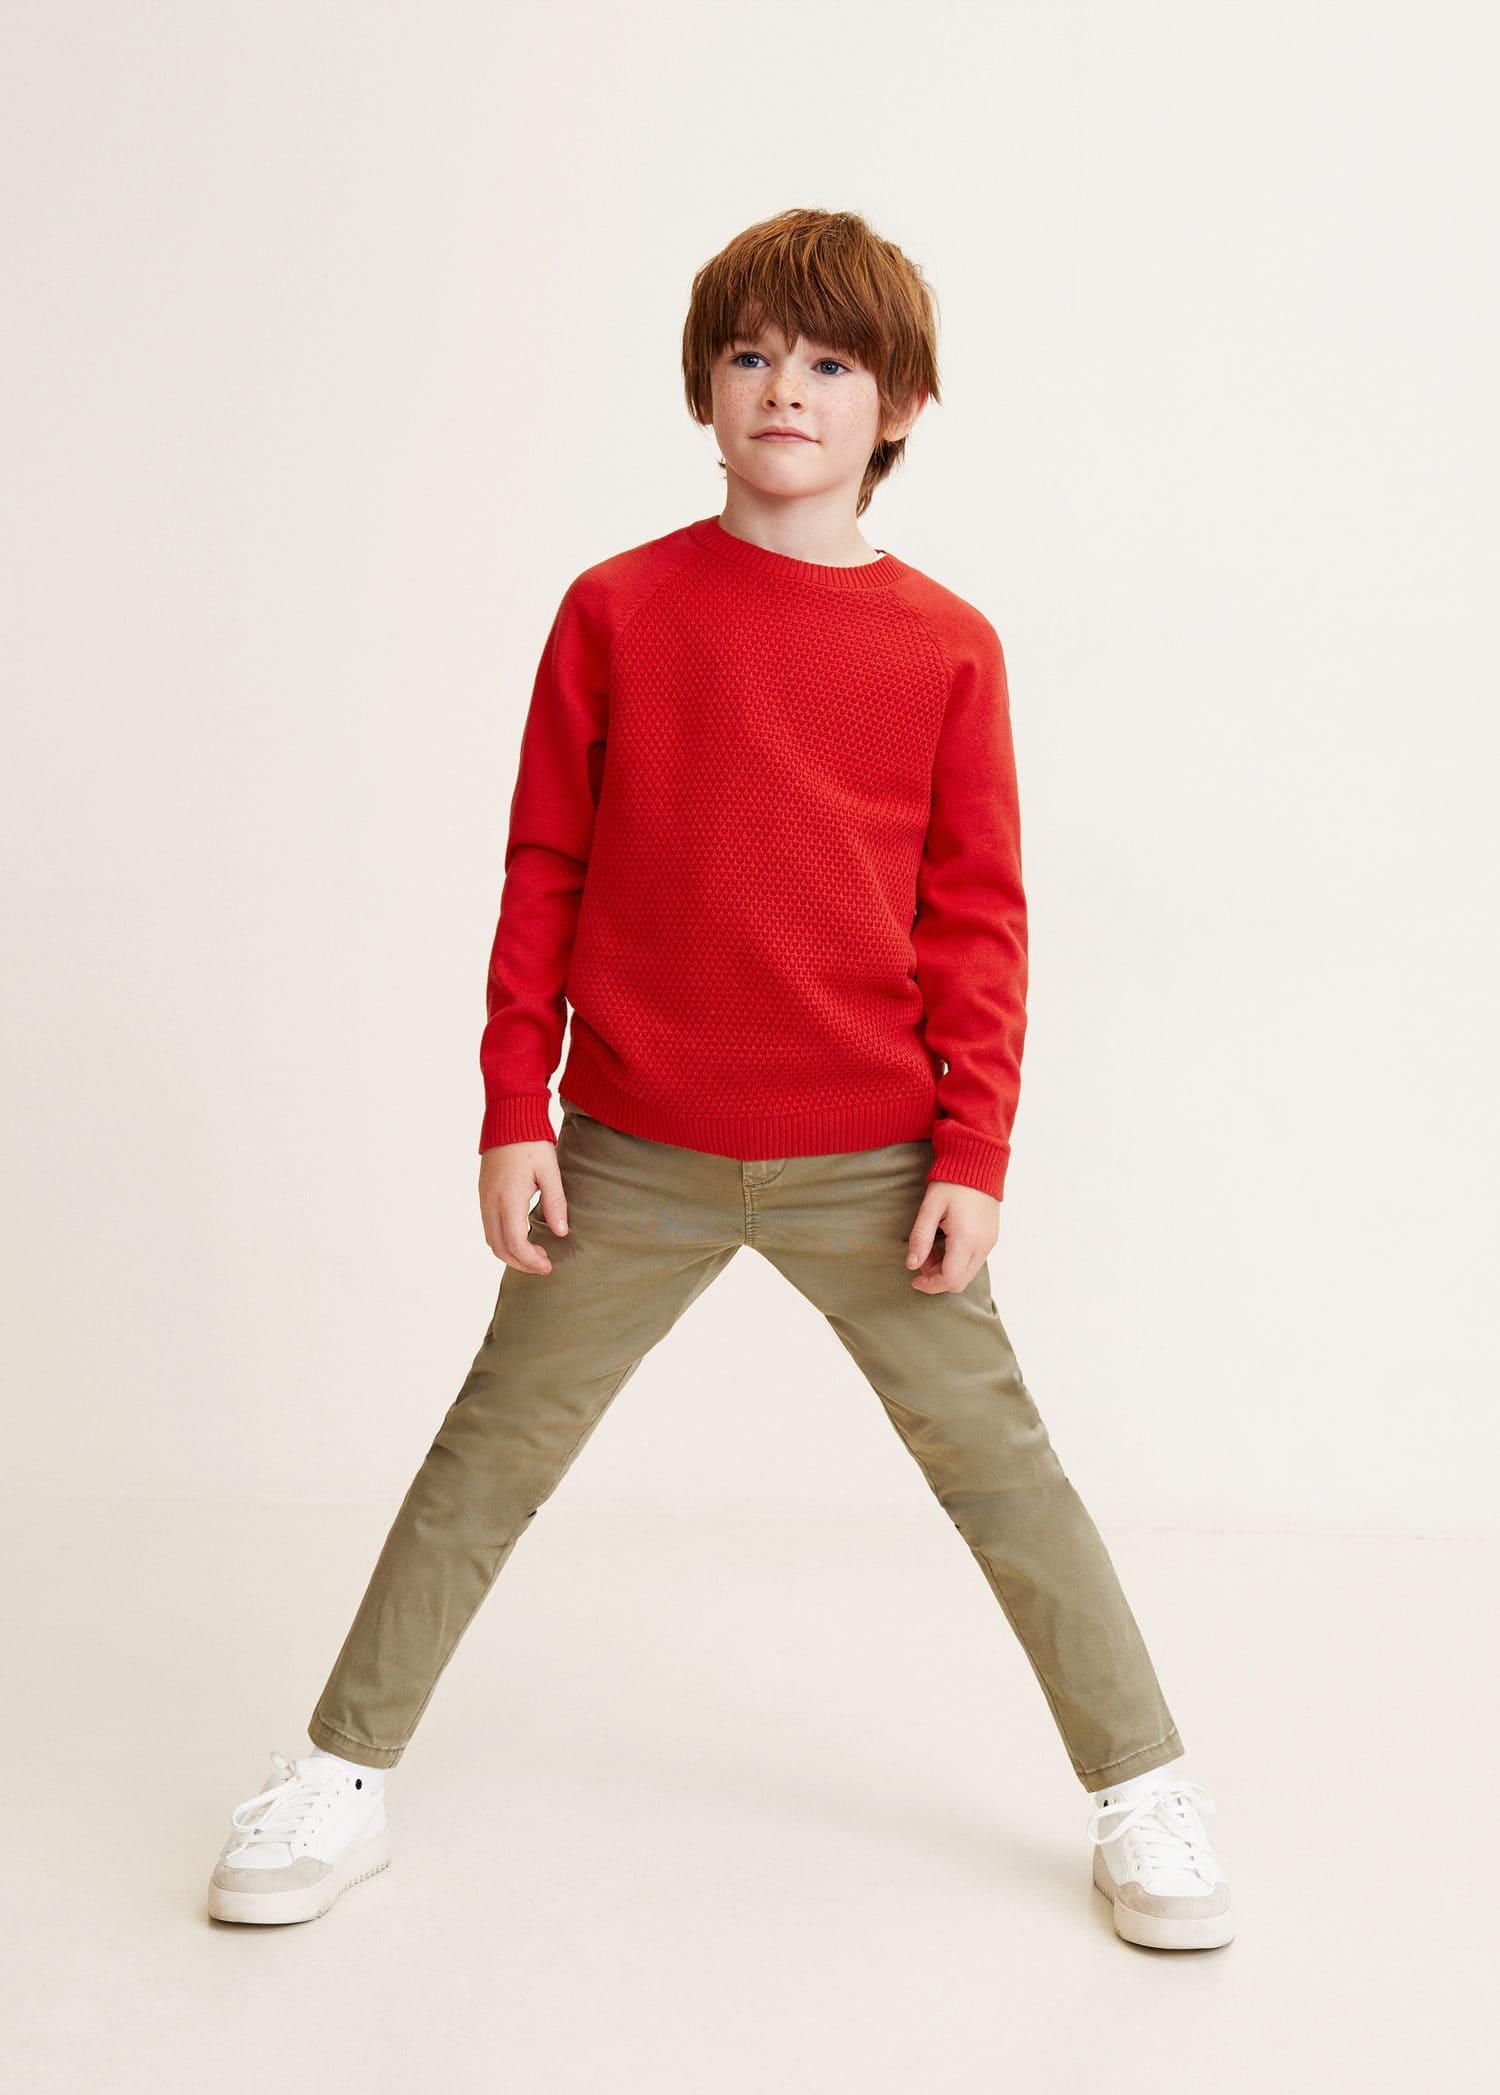 Koftor och varma tröjor för Pojke 2020 | OUTLET Sverige